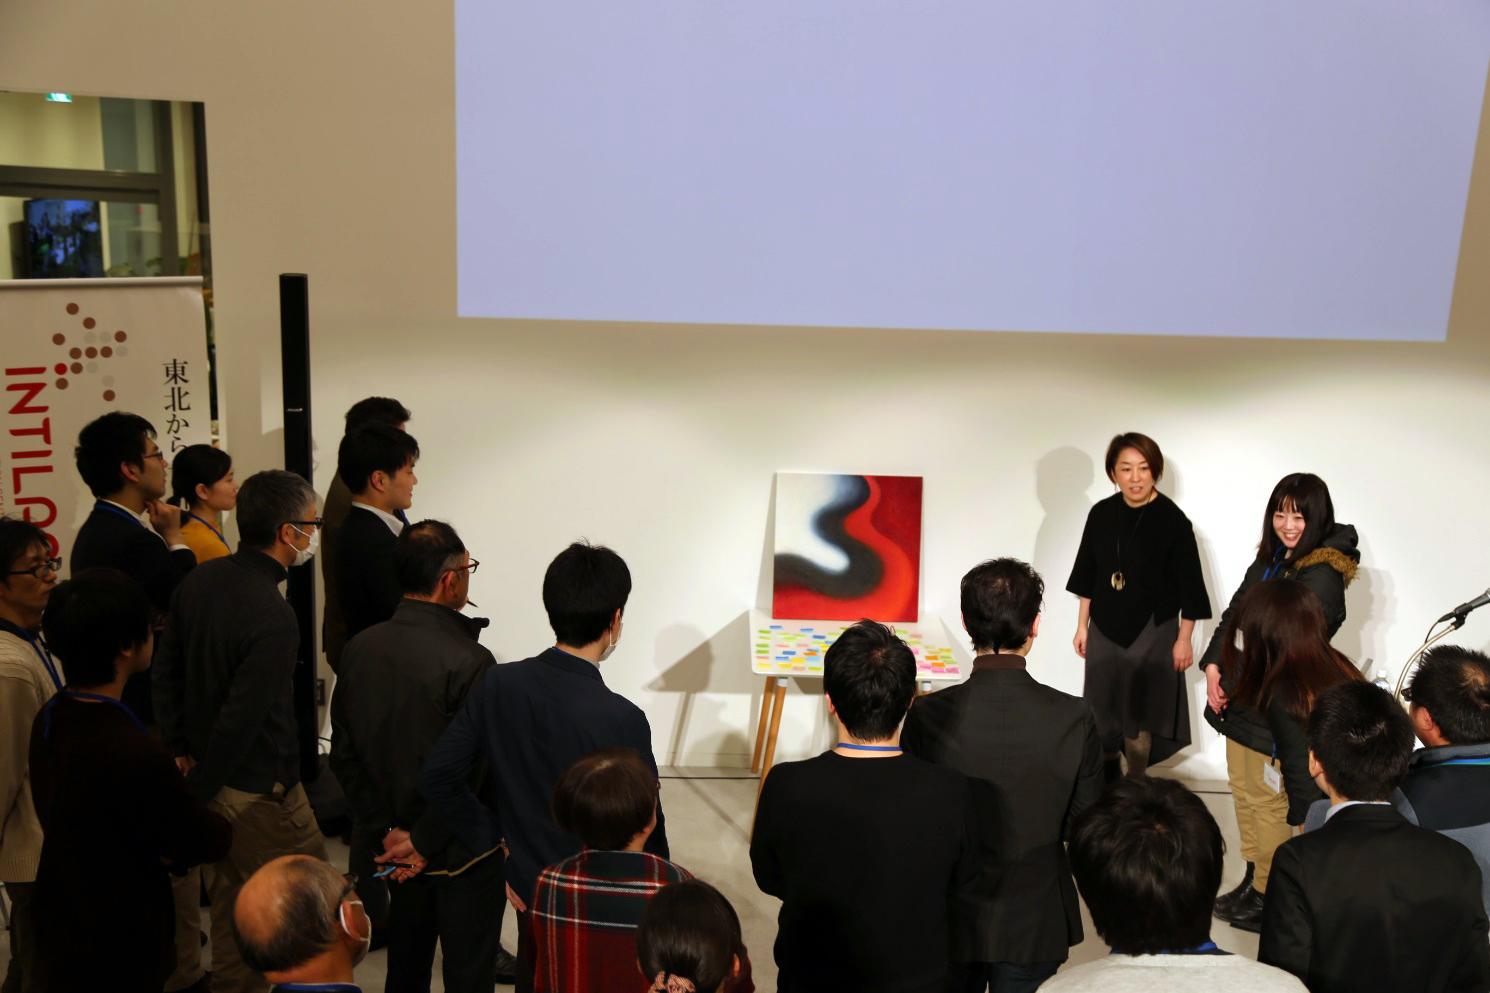 【イベントレポート】 経営におけるアートとサイエンスの関係〜経営の今と私たちの未来〜